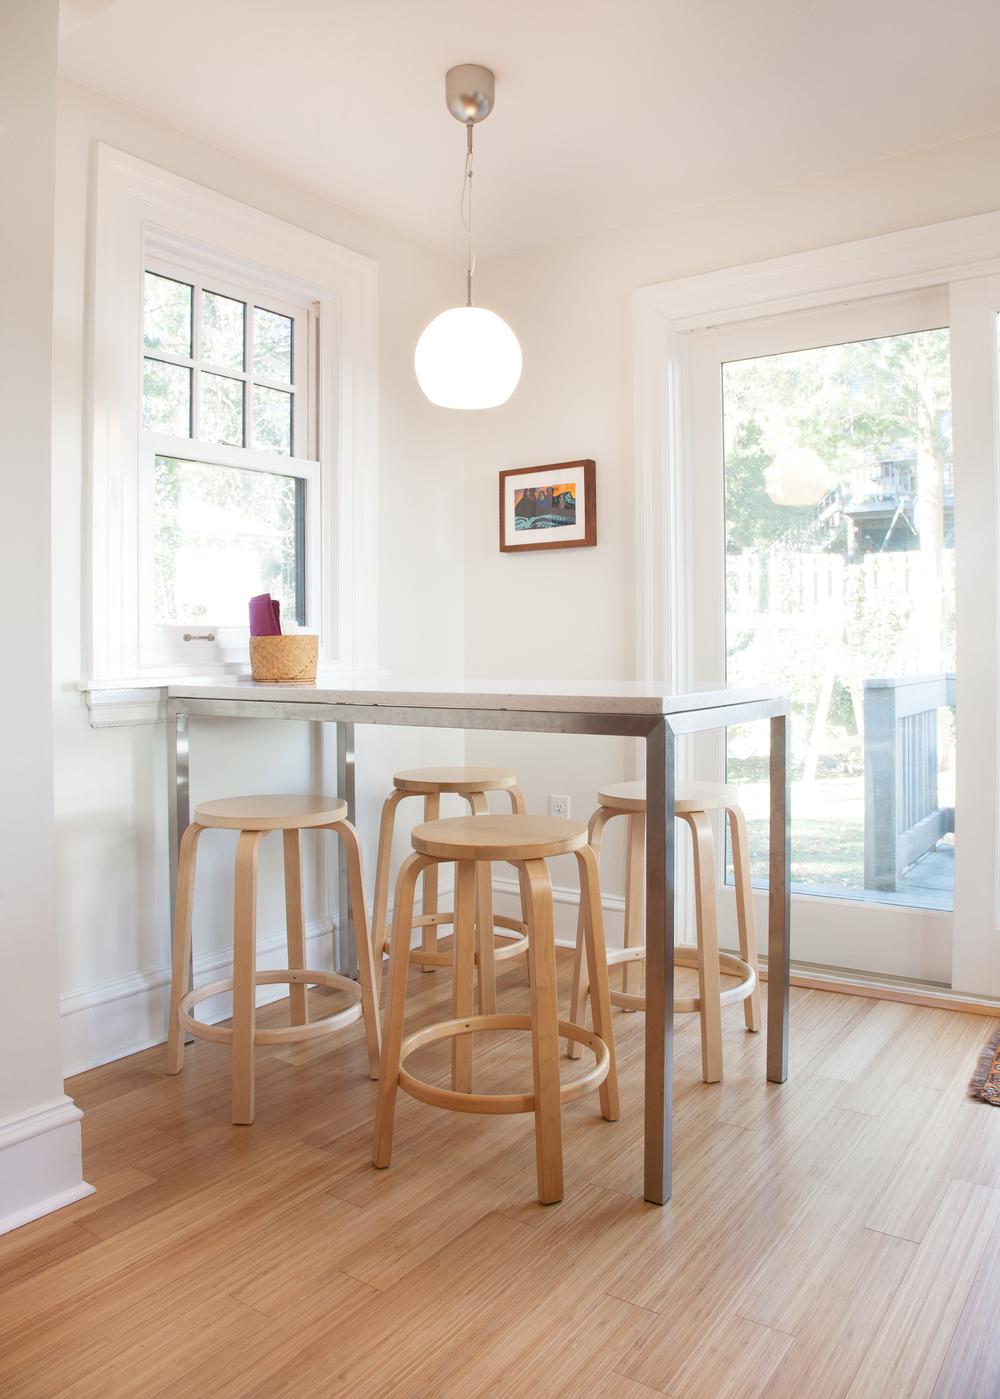 Lodges-kitchen-3.jpg